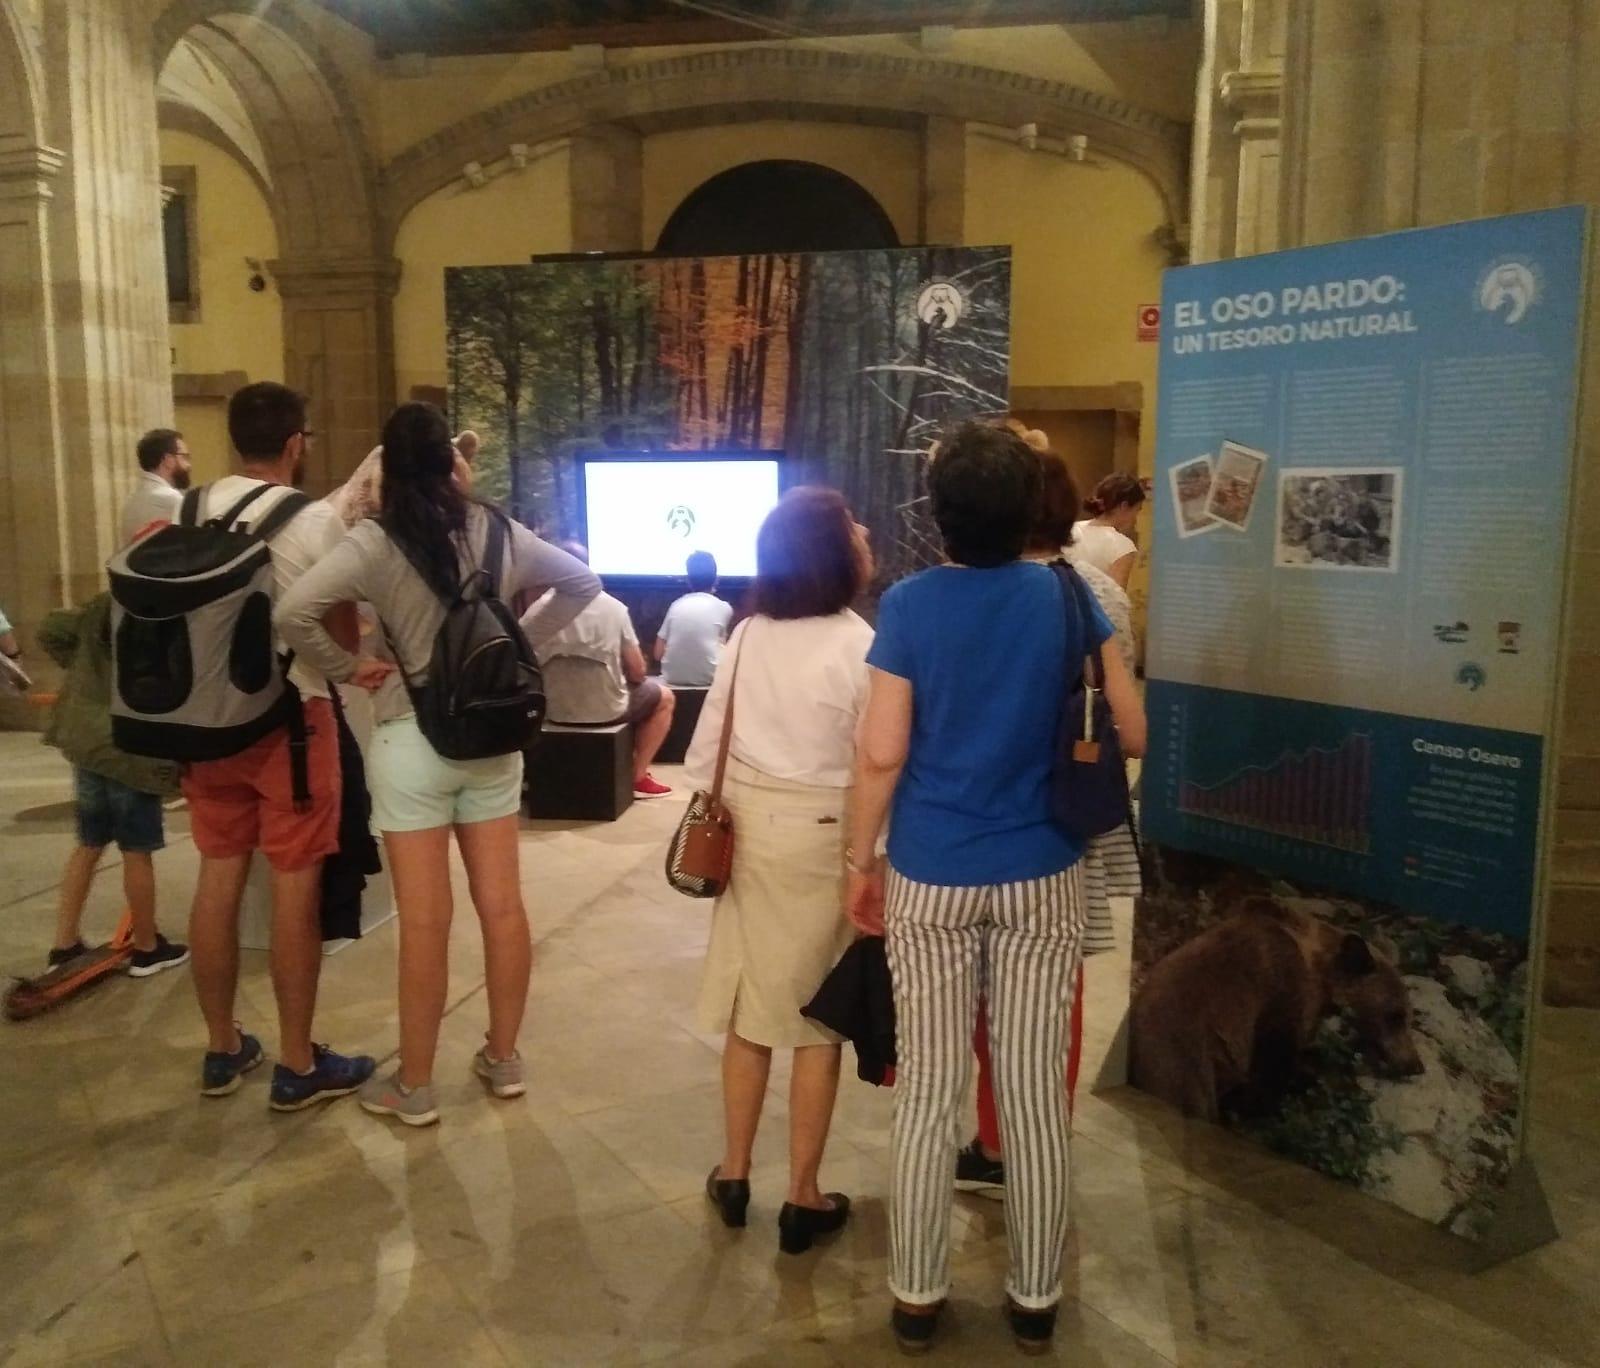 La exposición itinerante 'Vivir con osos' alarga su estancia en la Colegiata San Juan Bautista de Gijón hasta el 15 de agosto